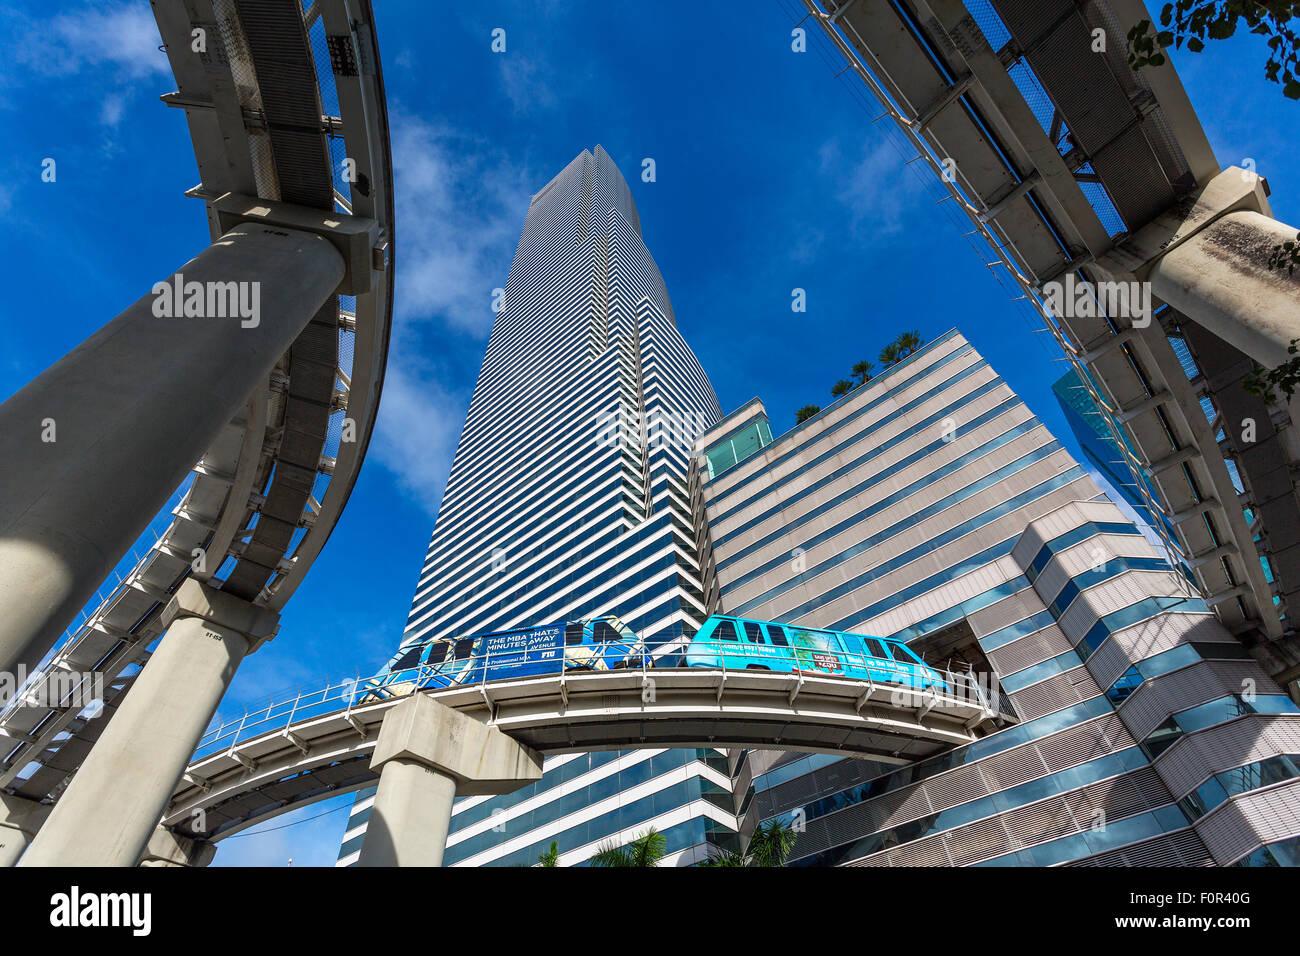 Metrorail and Miami Tower, Miami downtown - Stock Image